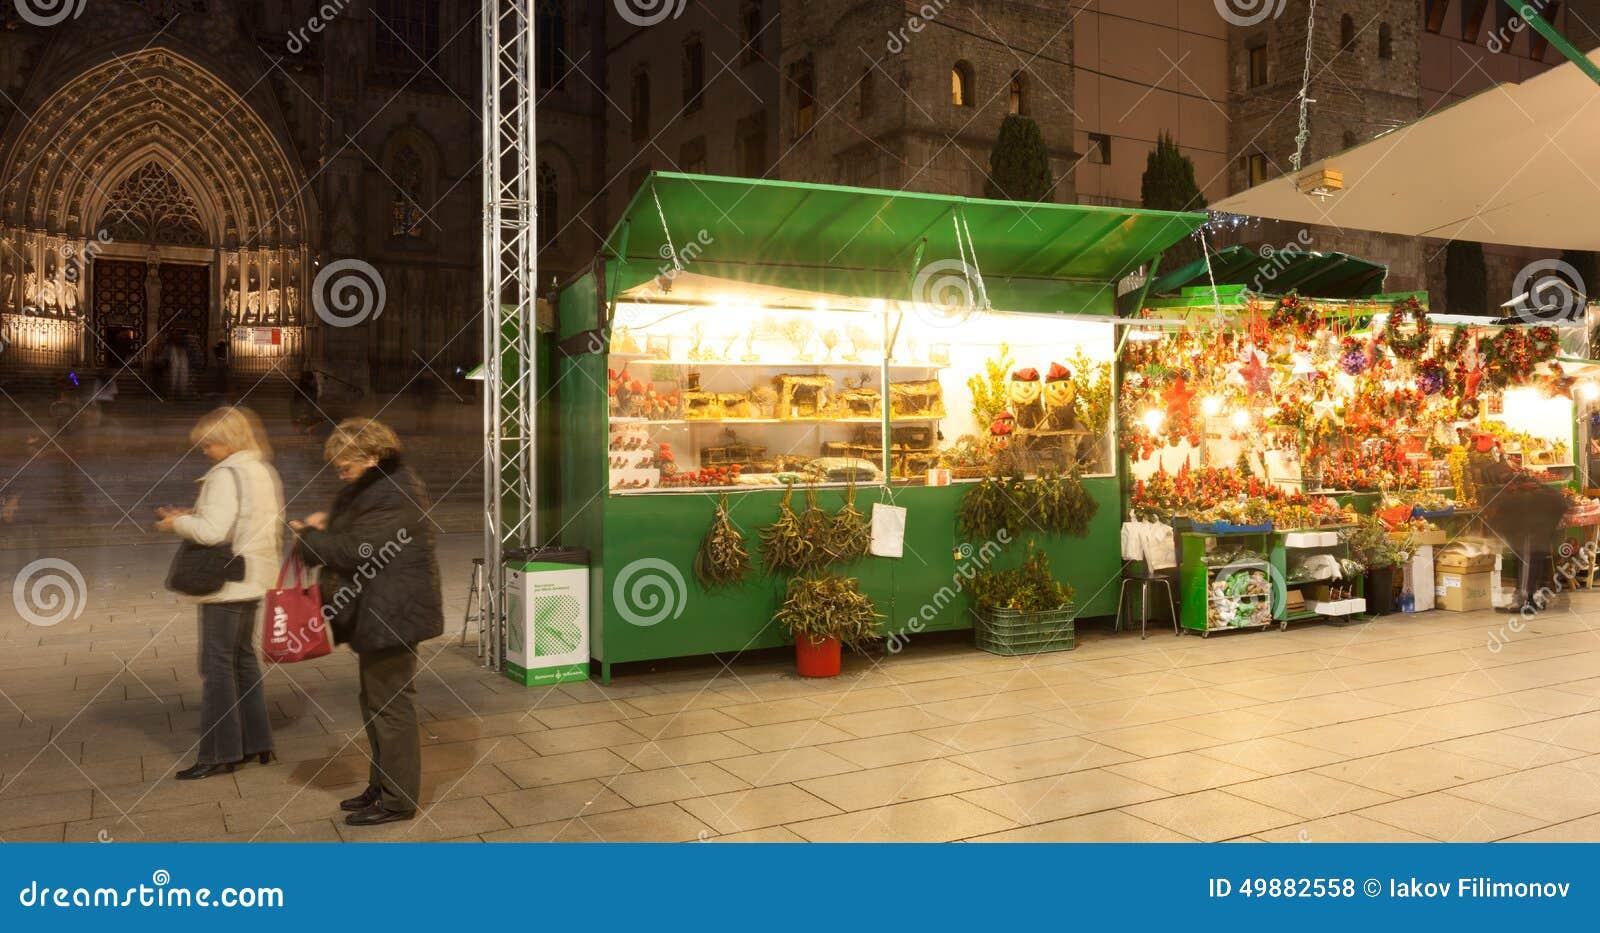 Fira de Santa Llucia - Christmas market near Cathedral